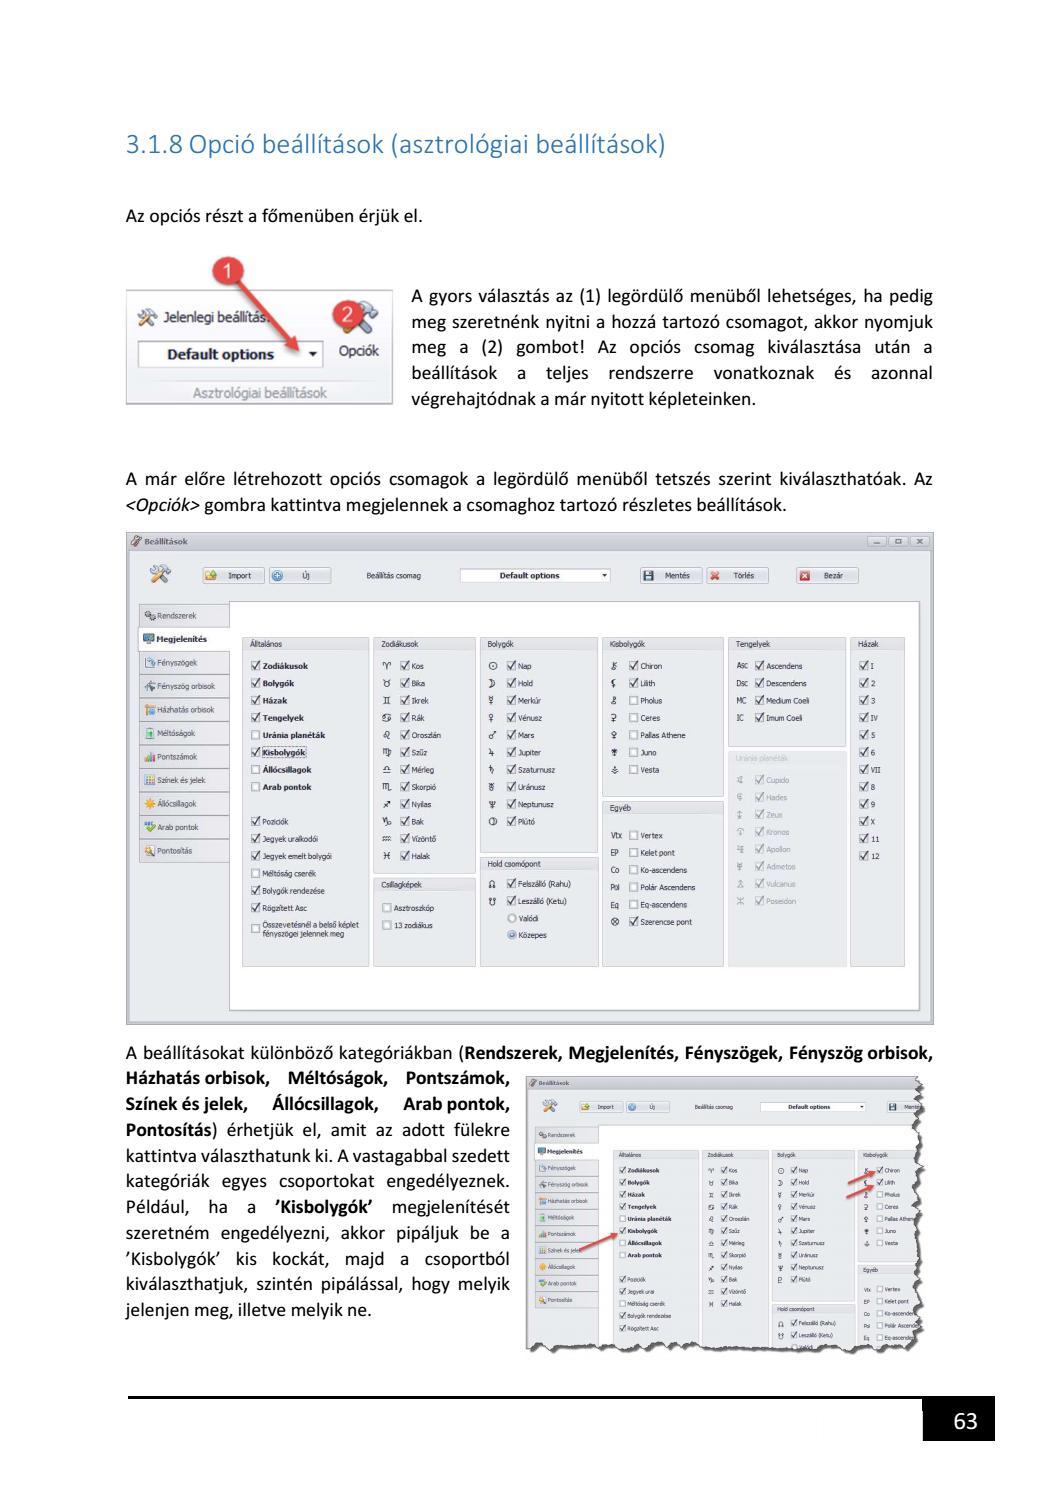 Kereskedjen opció CFD-kkel a Plus500-al